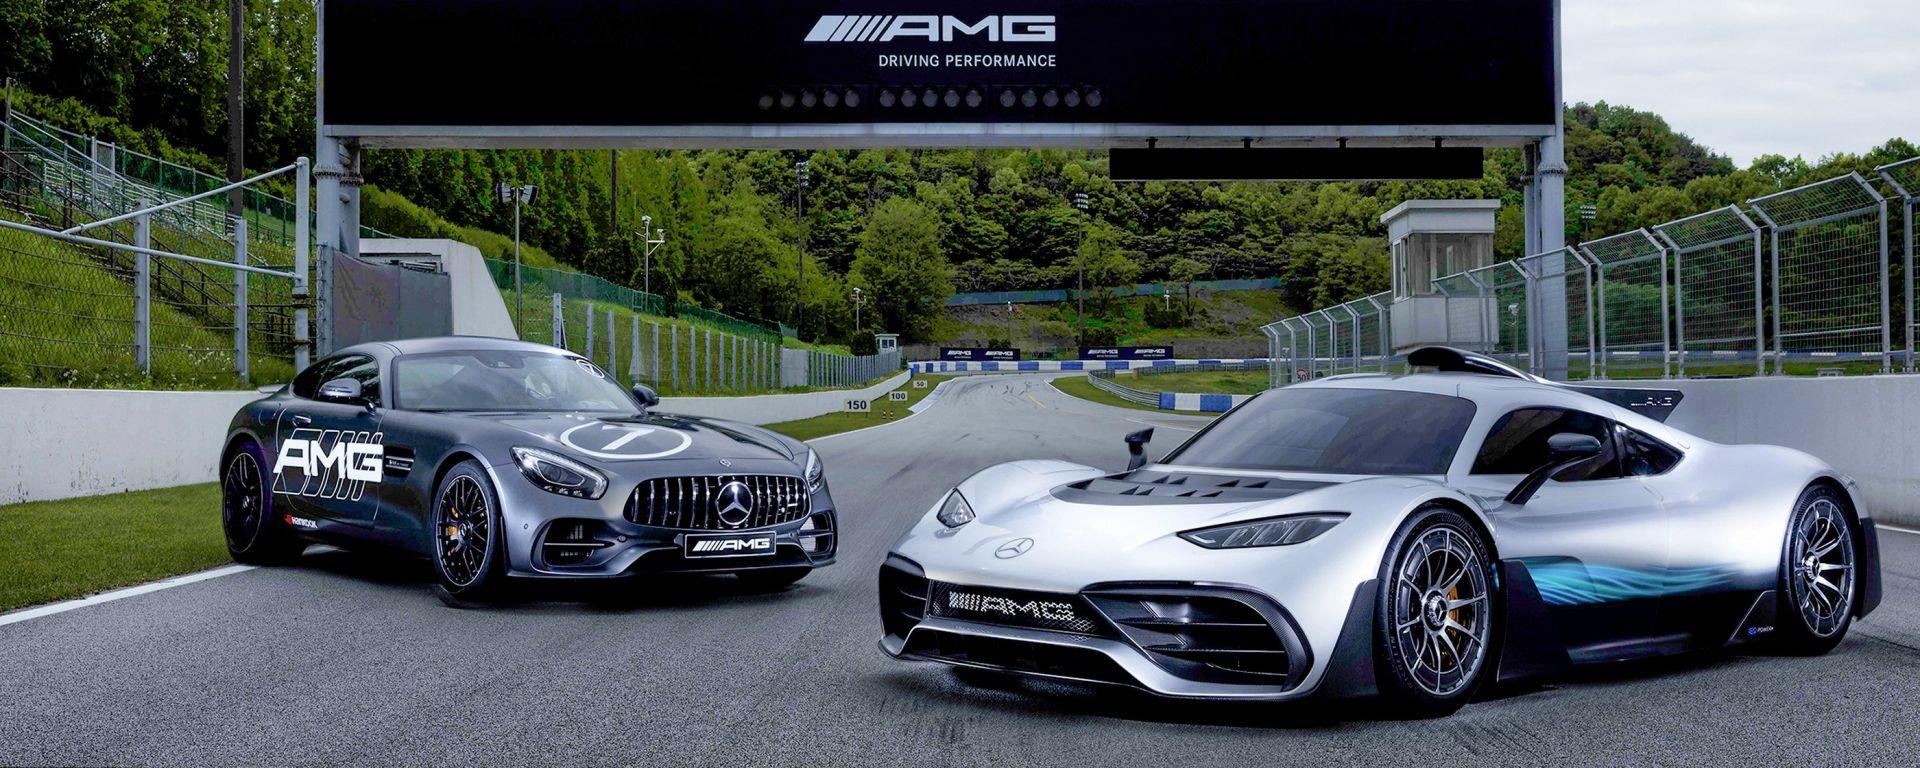 Mercedes AMG Speedway: la prima pista AMG è in Corea del Sud